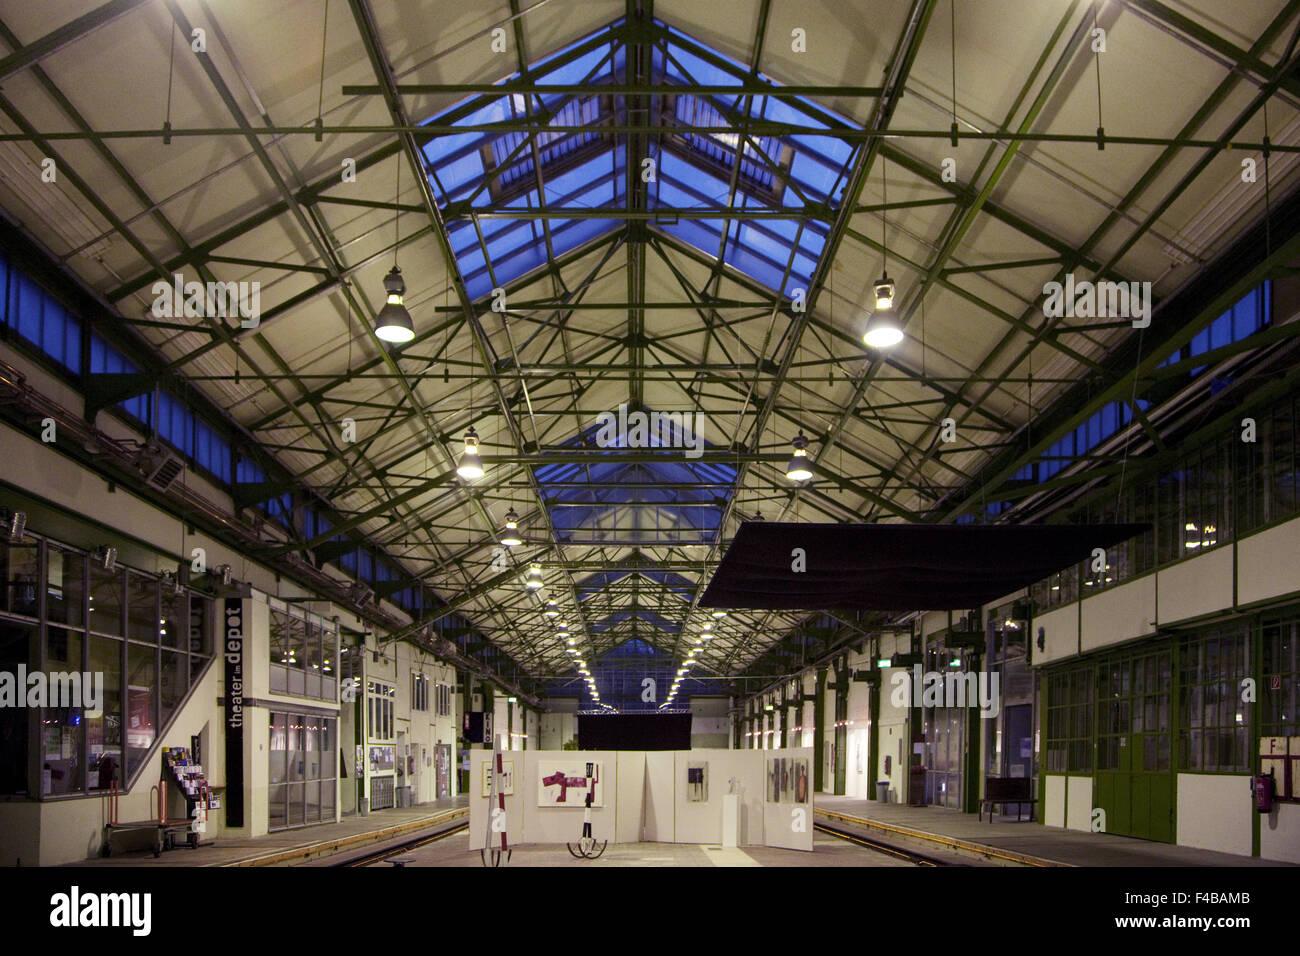 Depot Stock Photos Depot Stock Images Alamy